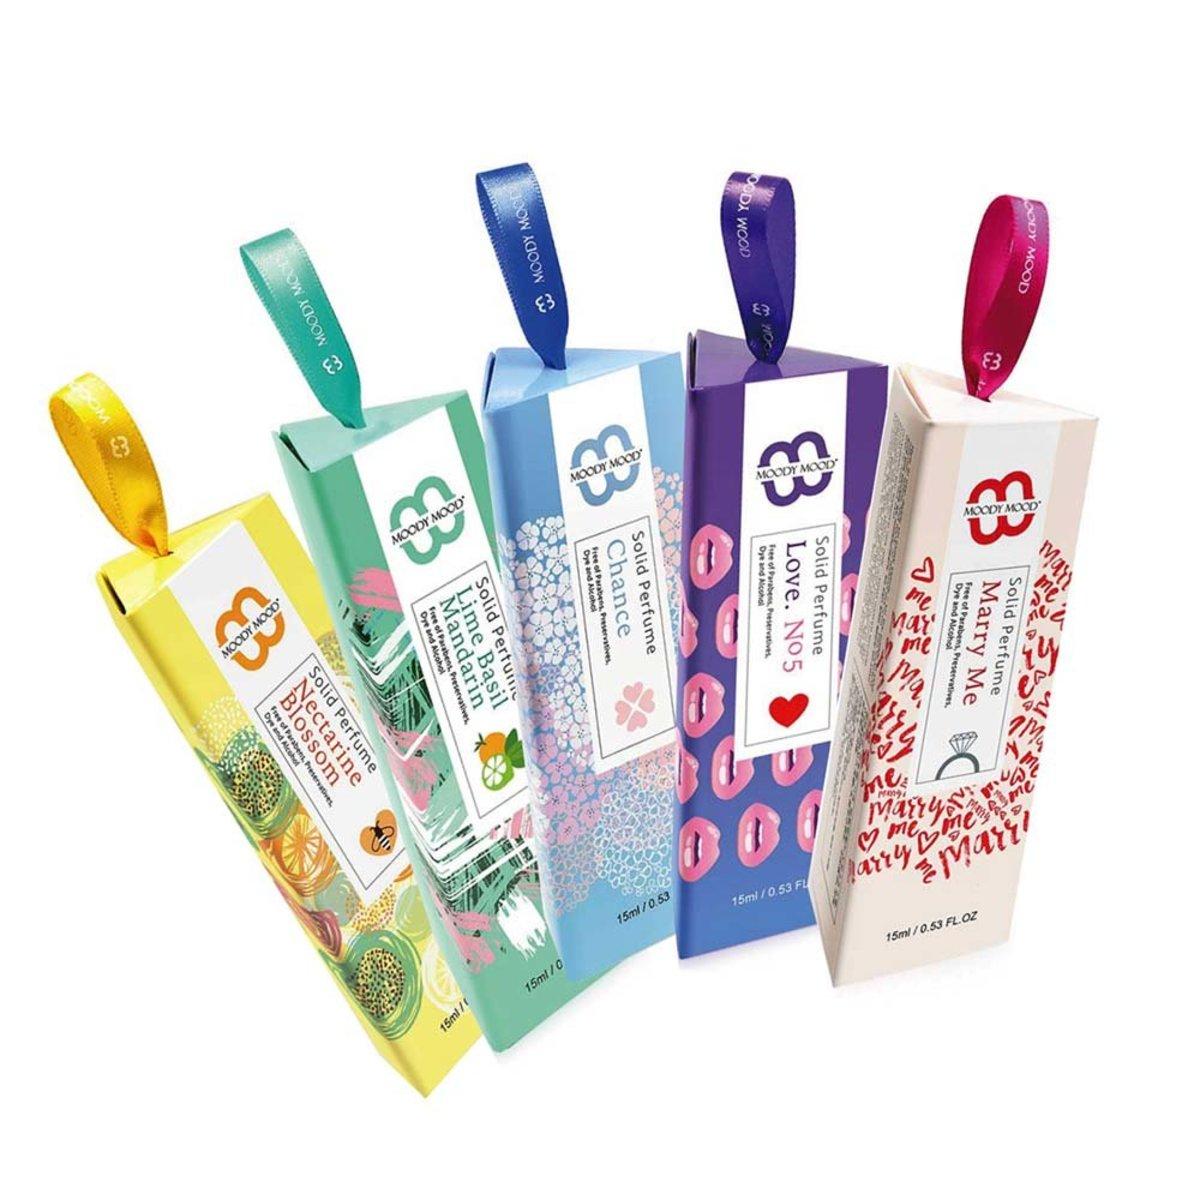 Handmade Solid Perfume Set(15gx5)